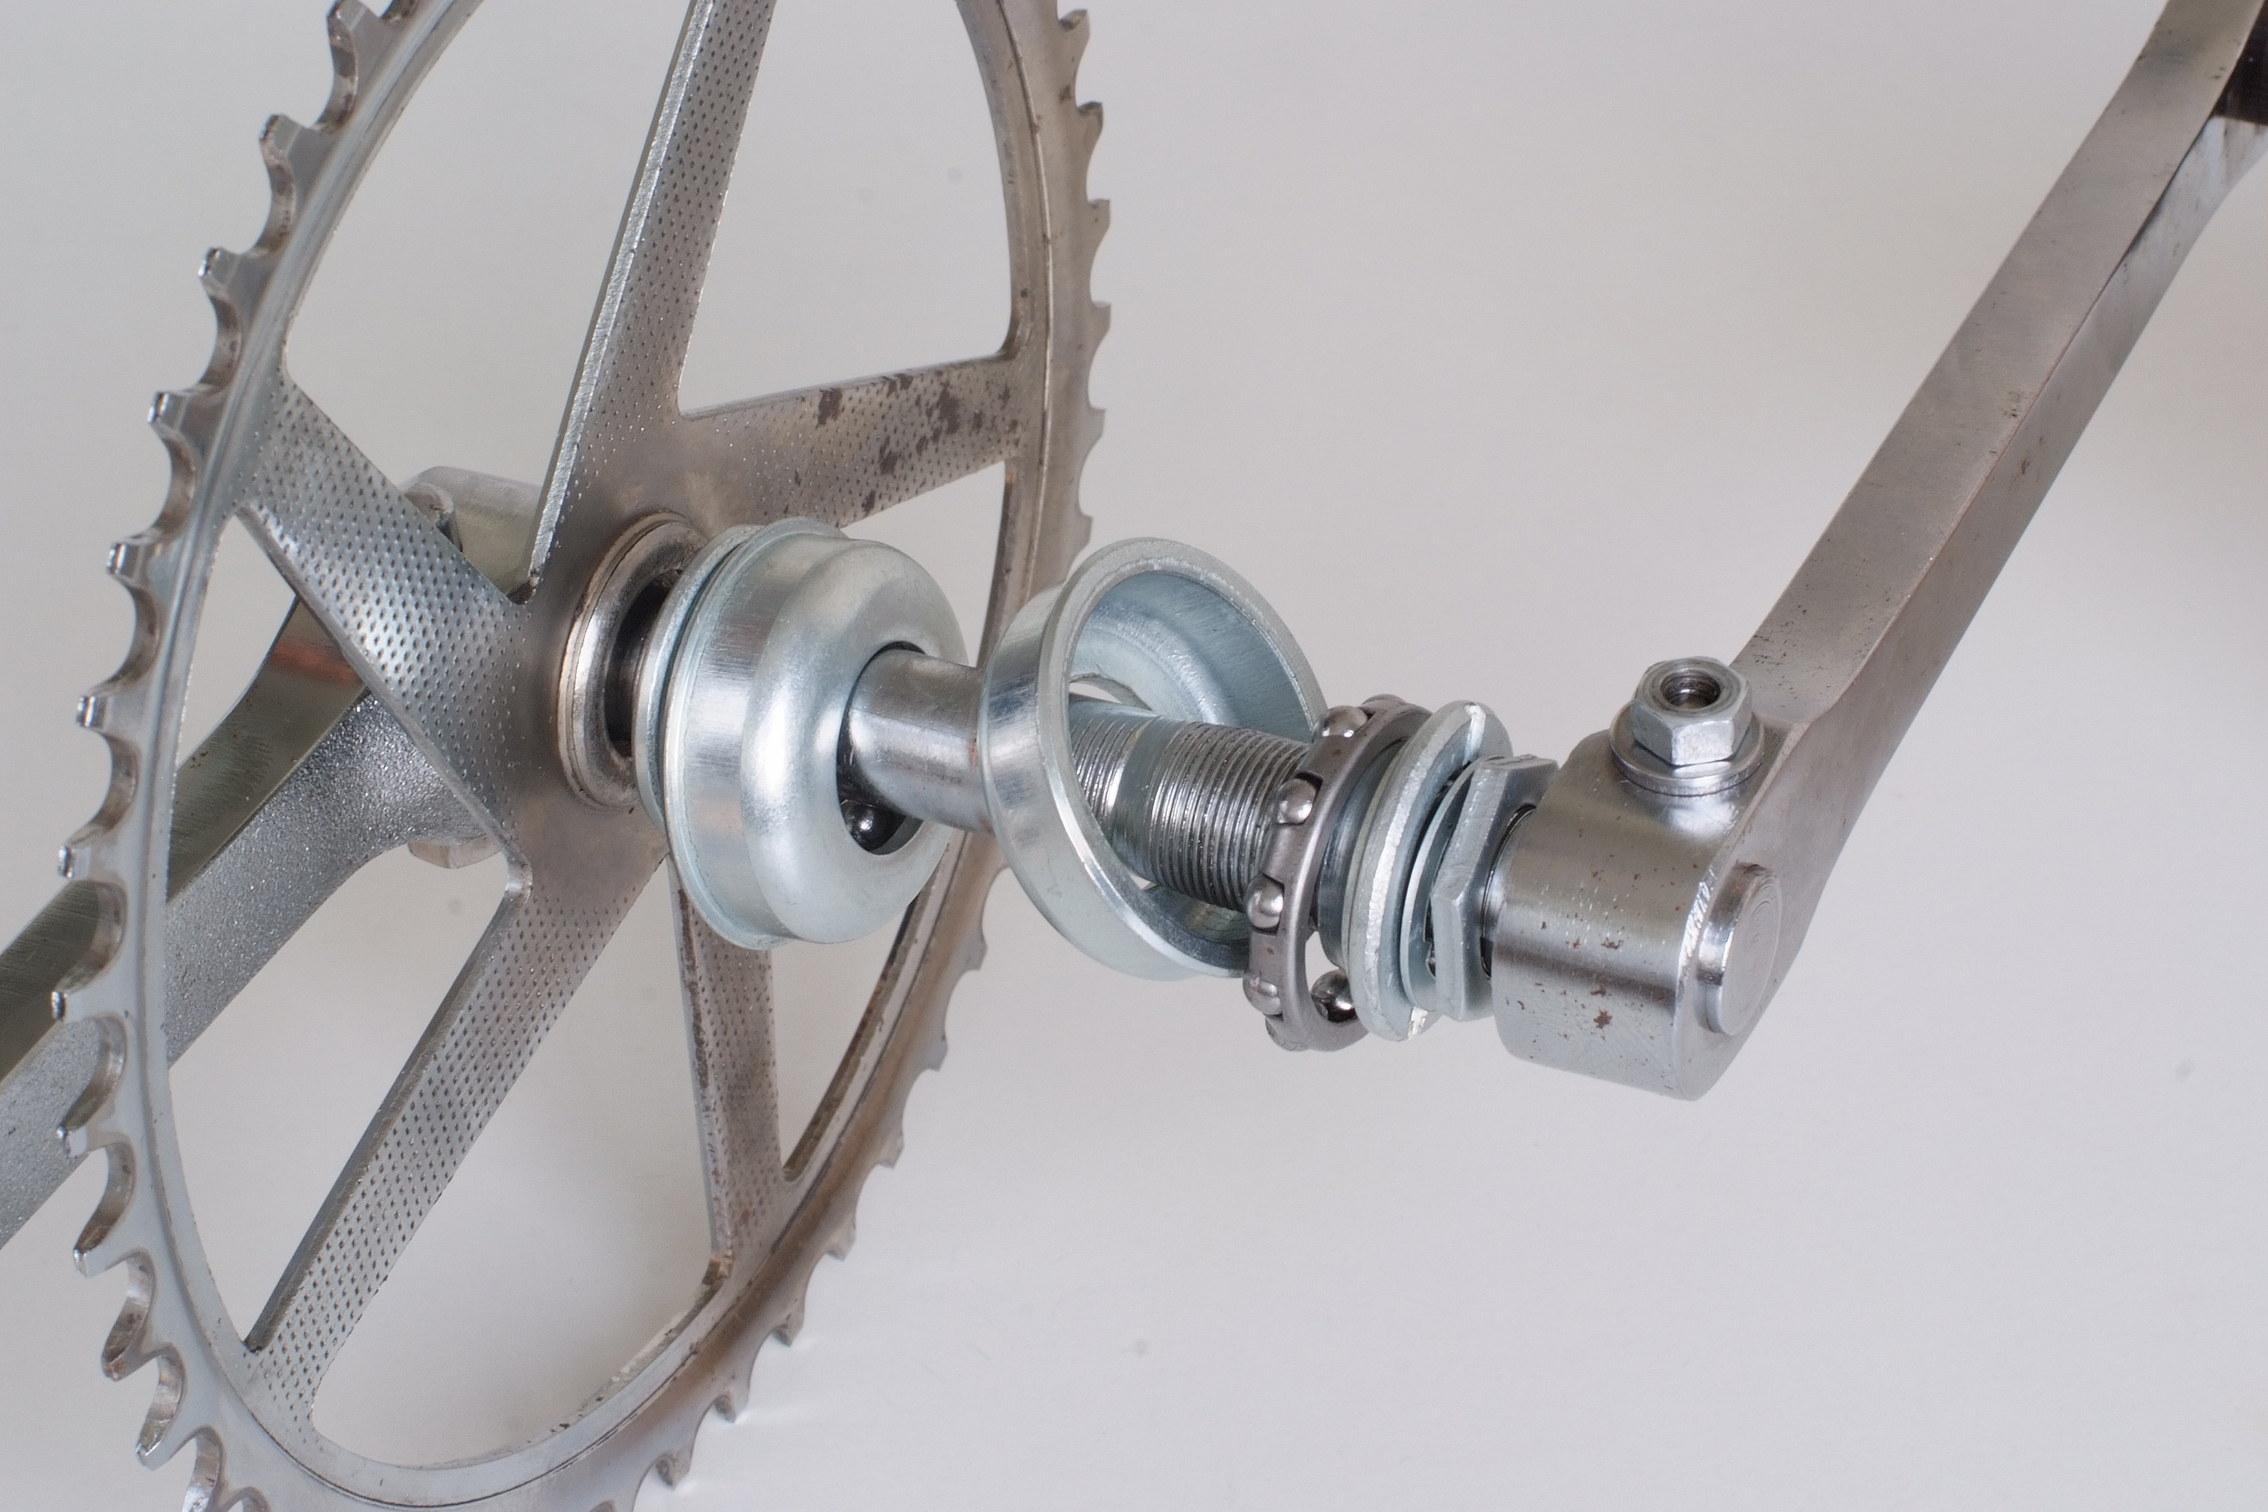 Ремонт (обслуживание) каретки велосипеда